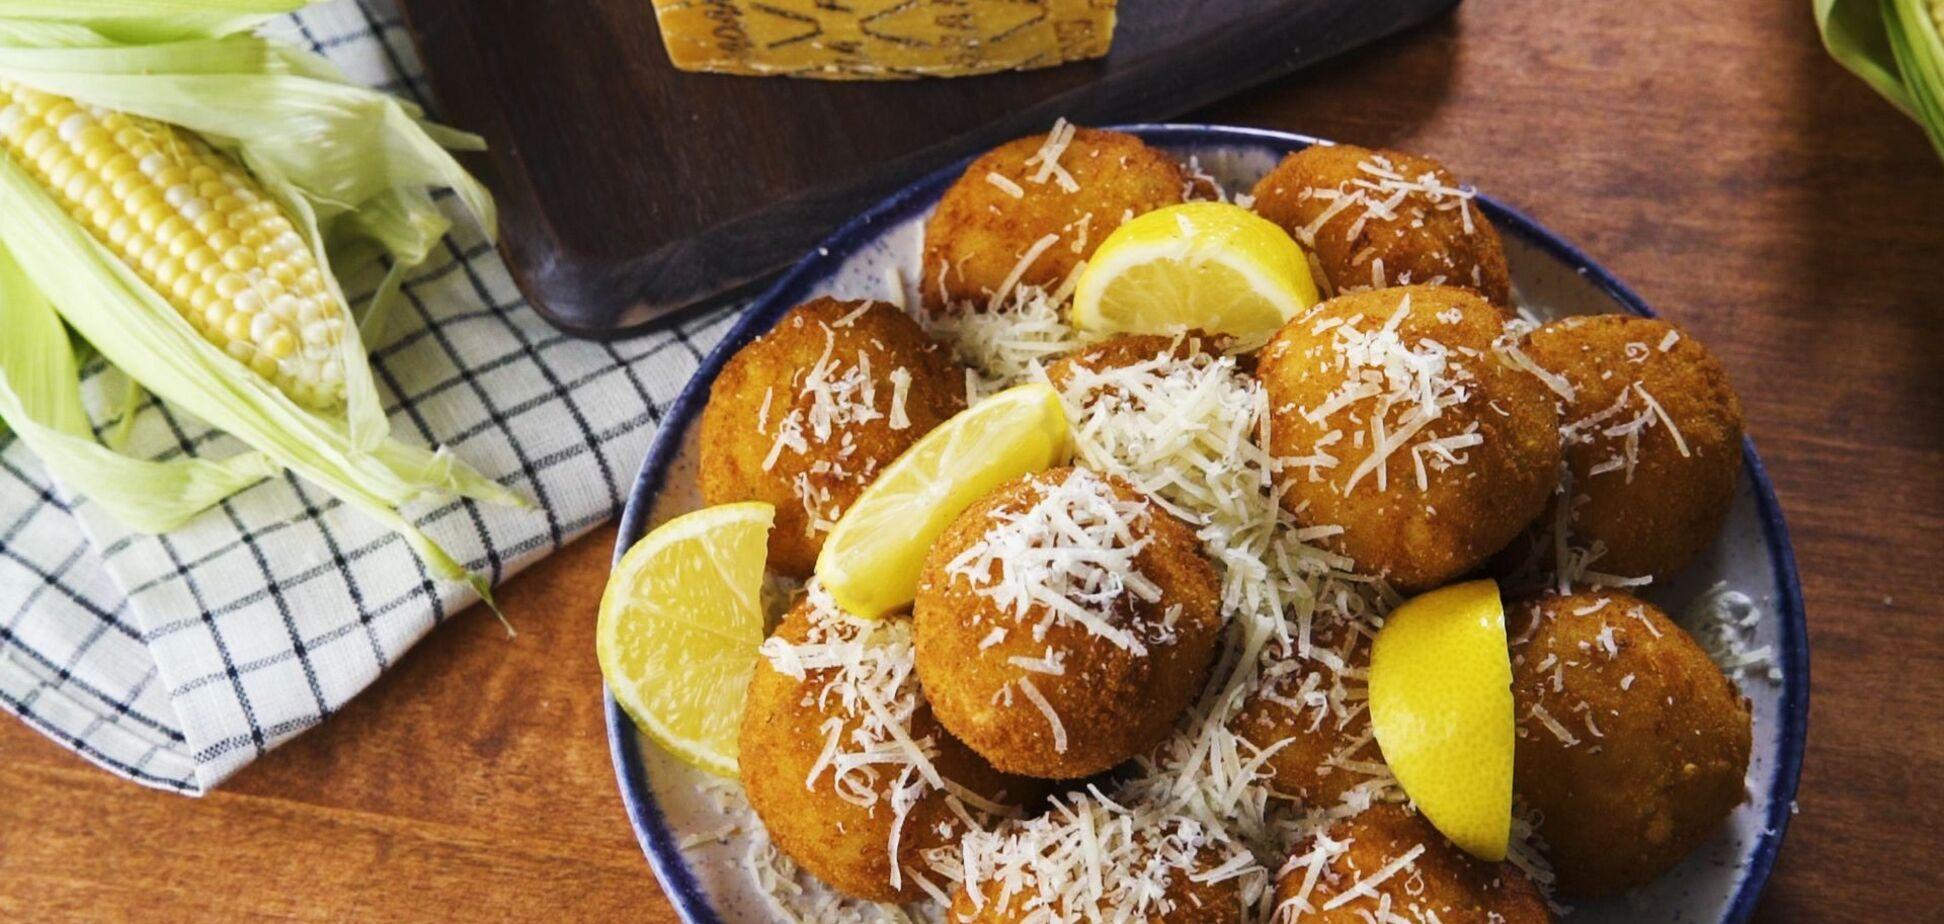 Італійська закуска аранчіні з Грана Падано: рецепт